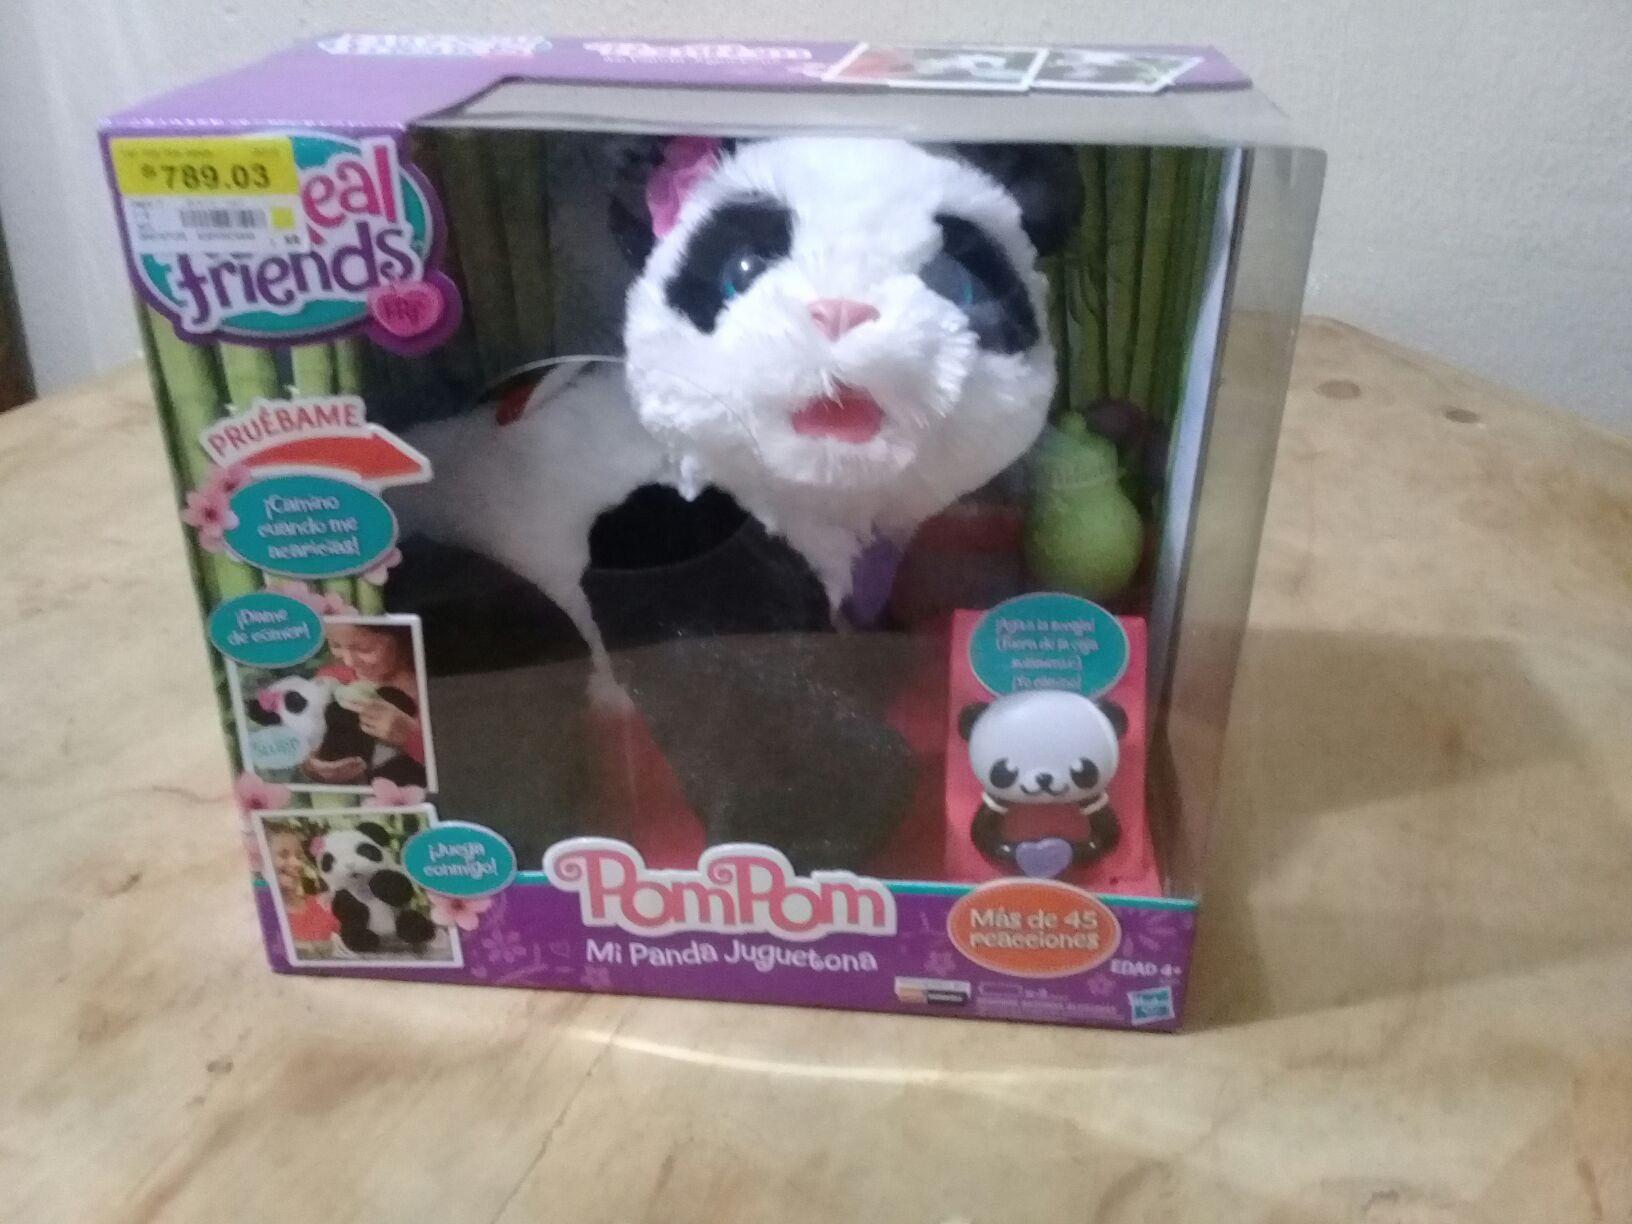 Bodega Aurrerá: Panda pompom que gatea $789.03